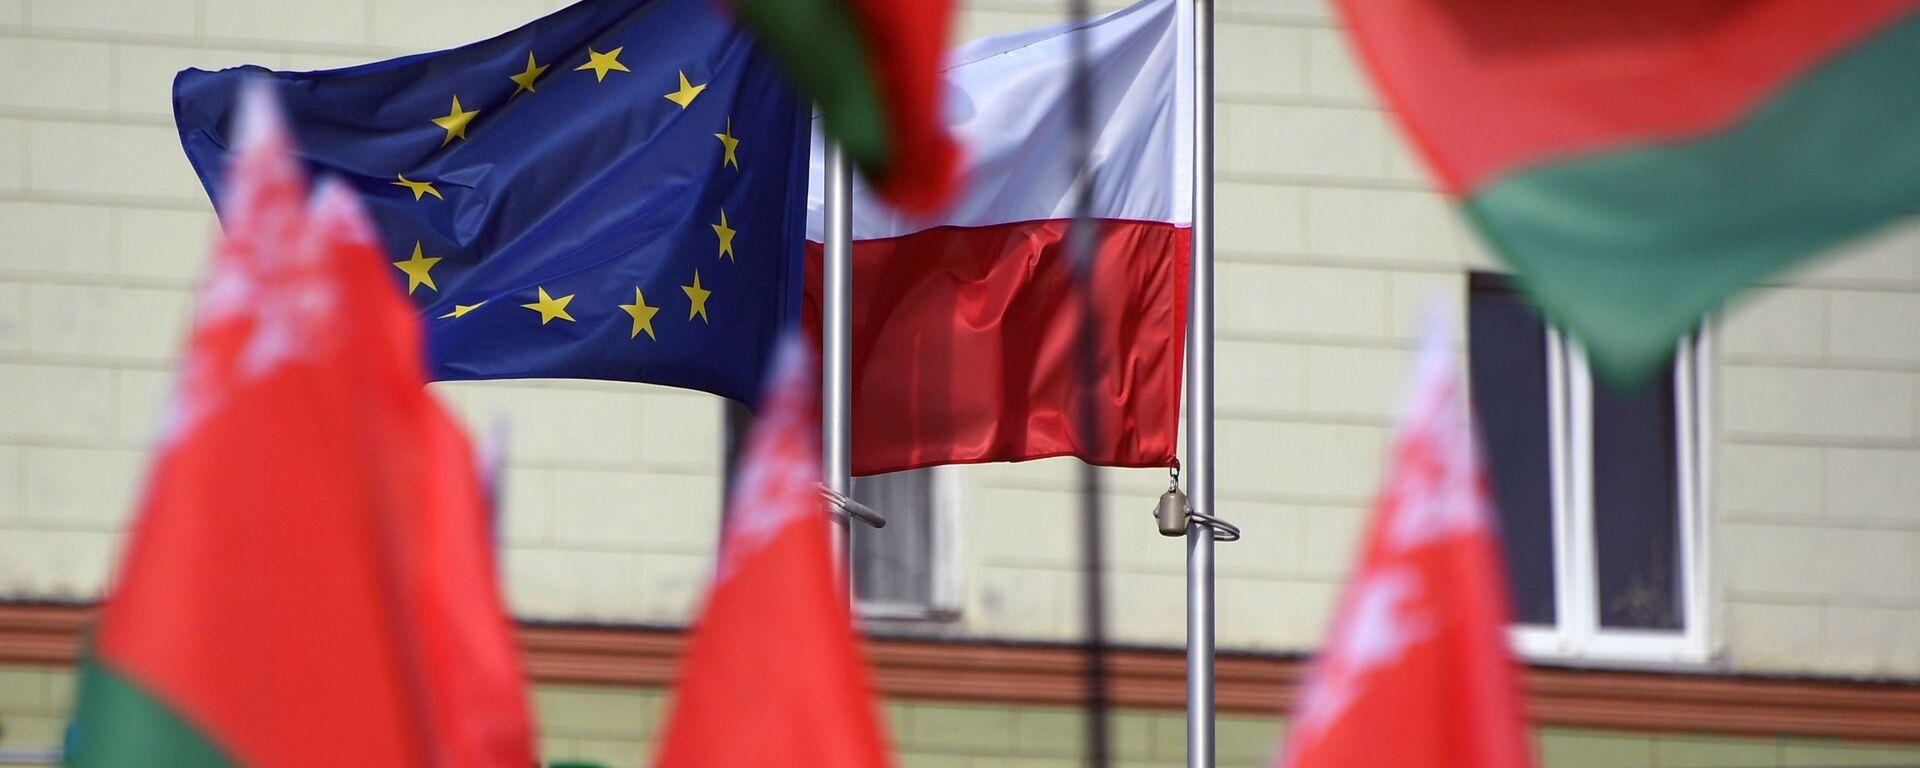 Flagi Białorusi, Polski i UE przed Ambasadą RP w Mińsku. - Sputnik Polska, 1920, 02.05.2021